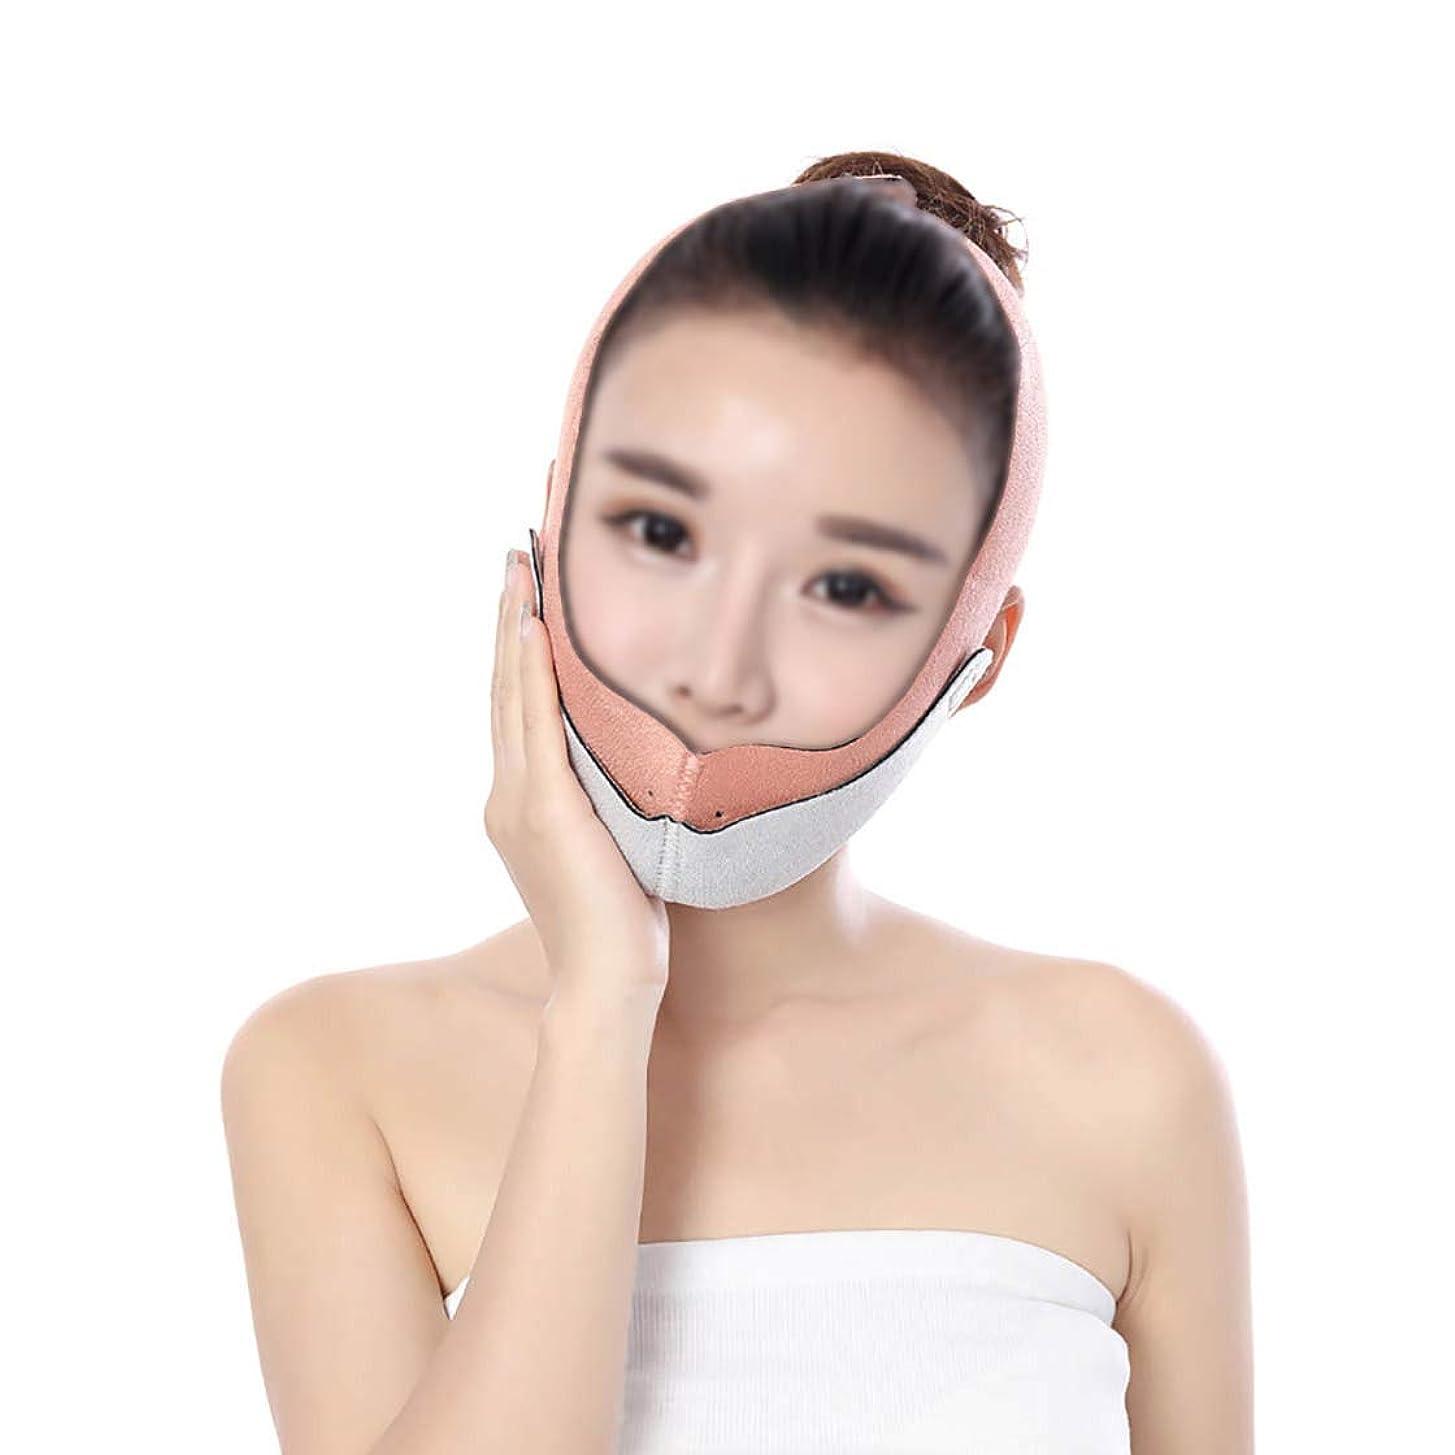 振動する関係豊かなXHLMRMJ 引き締めフェイスマスク、フェイスリフティングアーティファクト修正フェイスリフティングベルト垂れ防止包帯美容マスクマスクVフェイスクロスツール